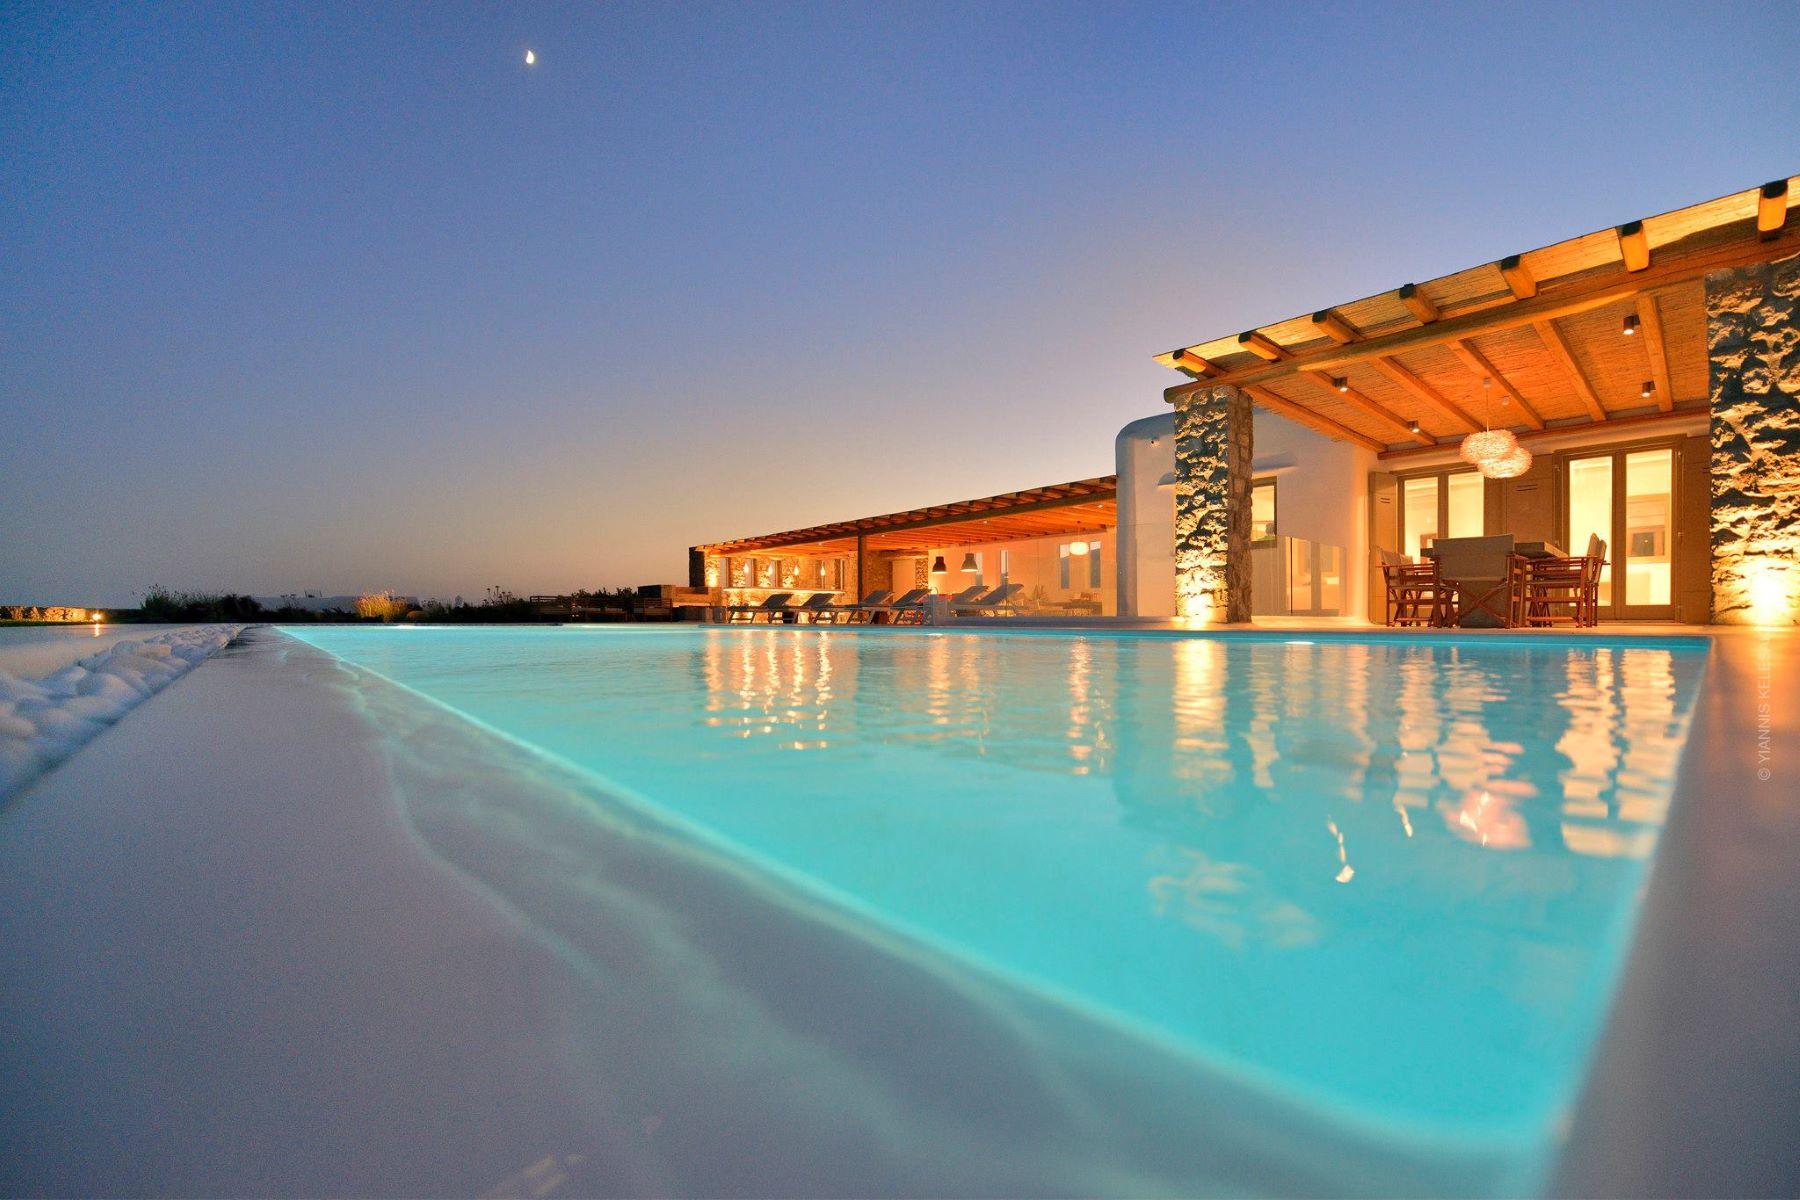 Casa Unifamiliar por un Venta en Sapphire Dream Mykonos, Egeo Meridional, Grecia